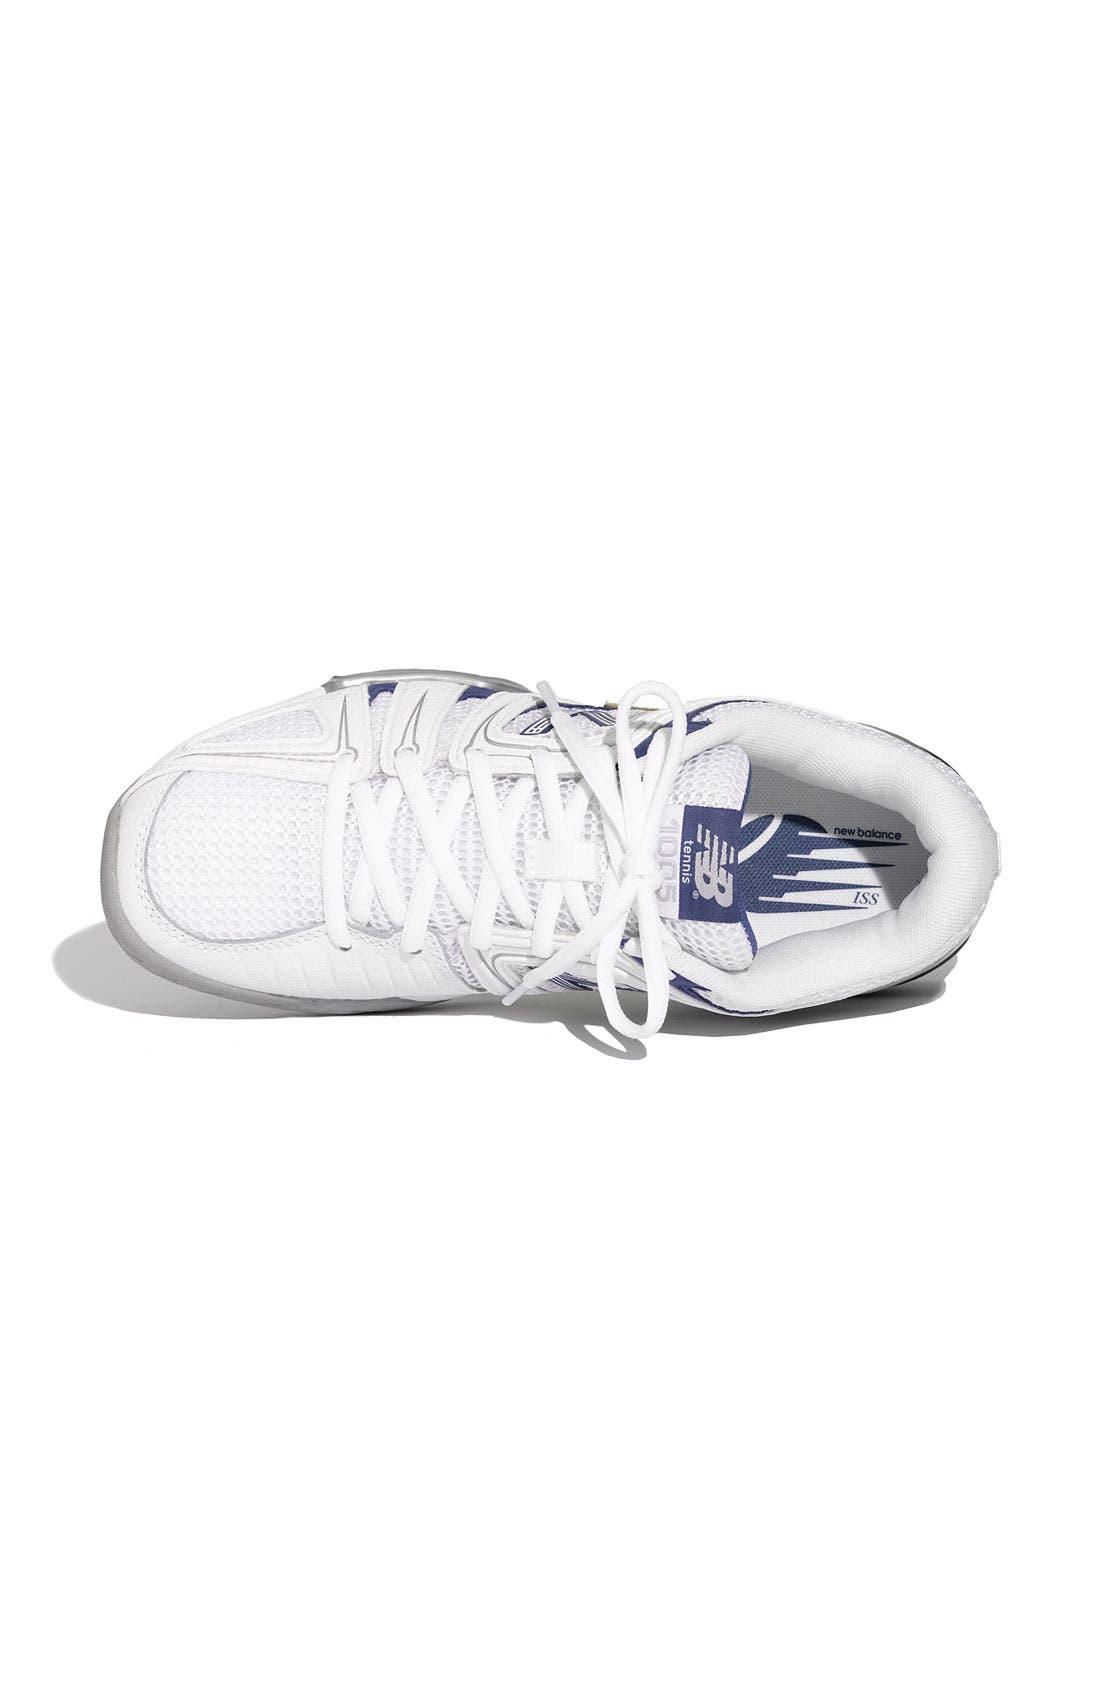 Alternate Image 3  - New Balance '1005' Tennis Shoe (Women)(Retail Price: $114.95)